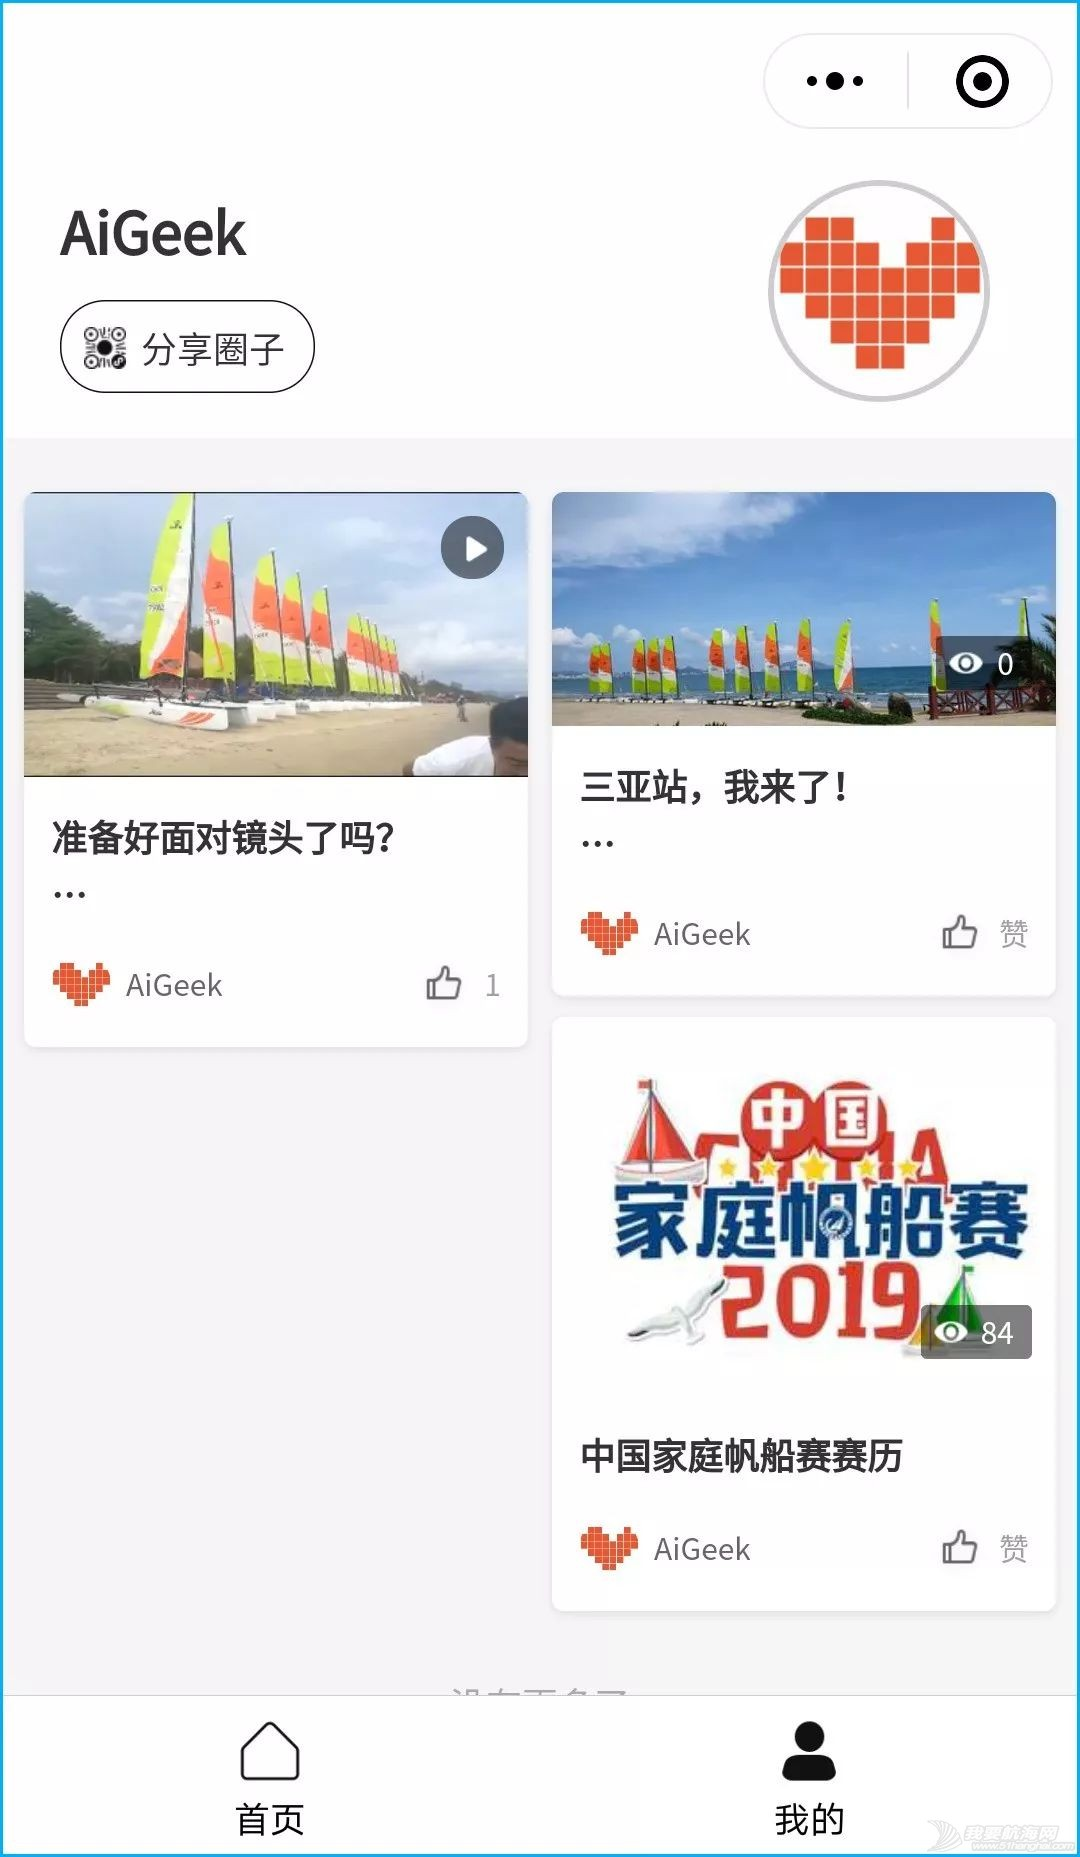 2019中国家庭帆船赛三亚站来了 三招带你玩转家帆赛官方互动小程序w13.jpg